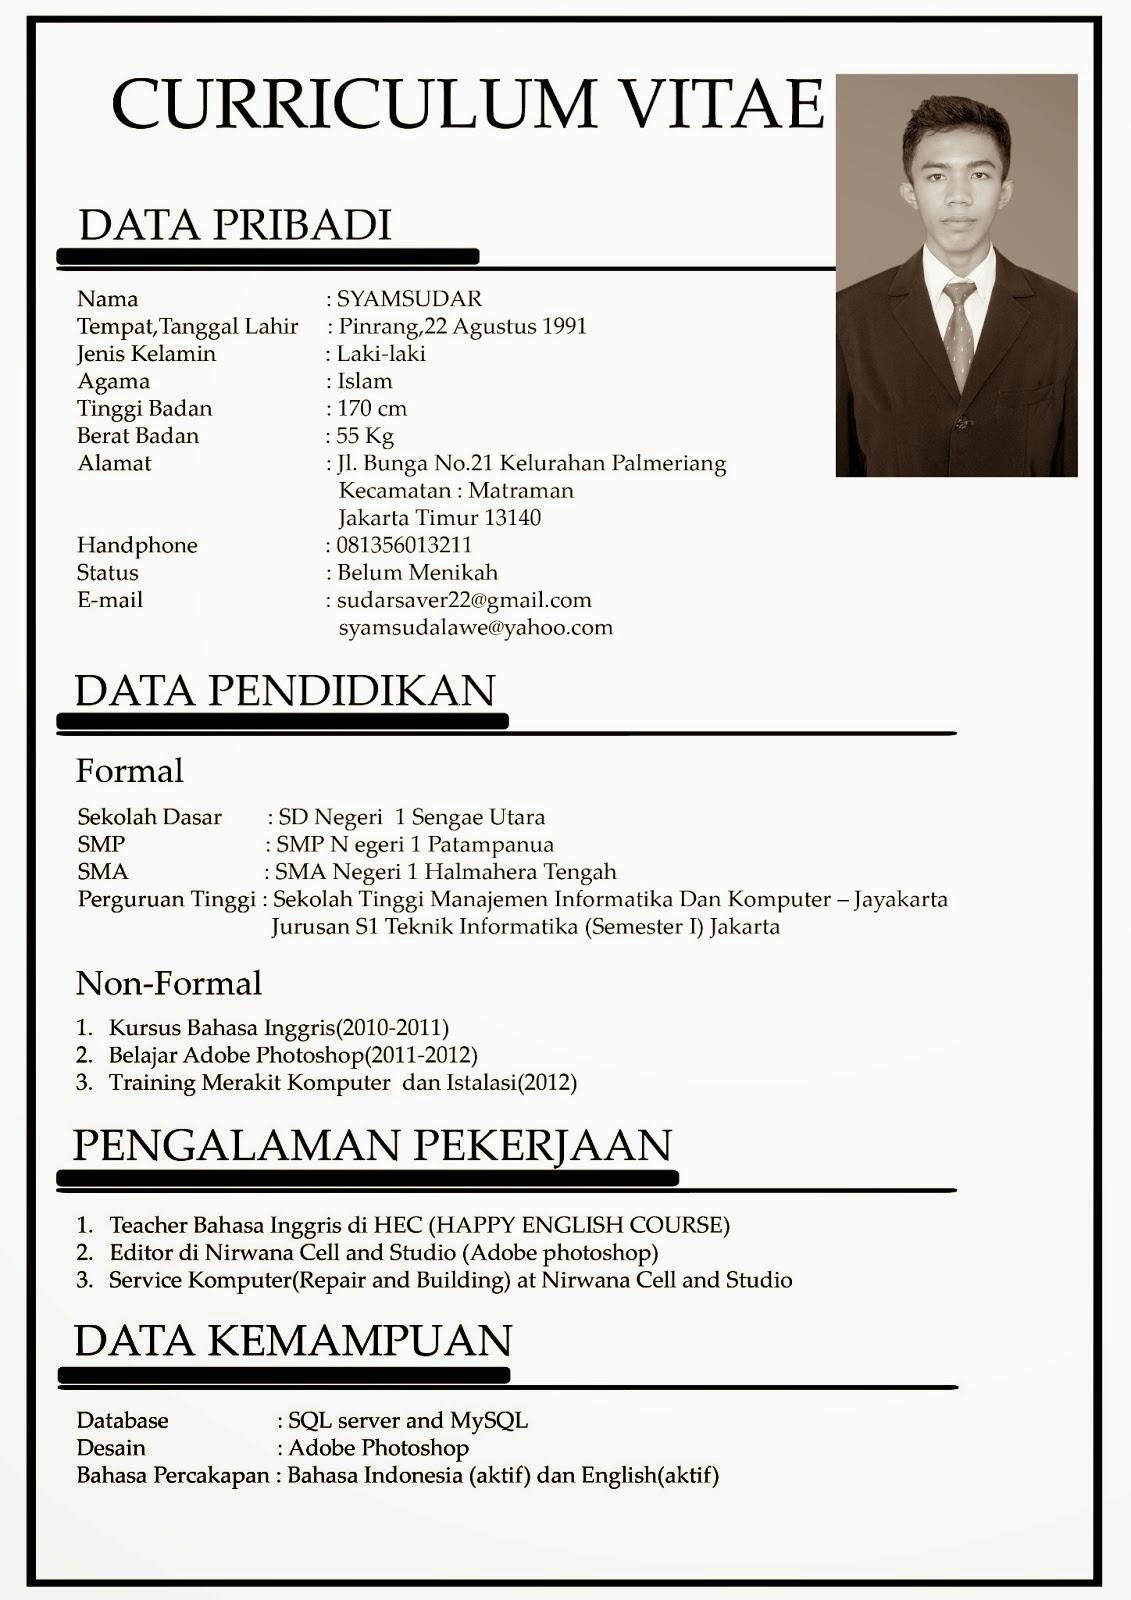 Contoh CV atau Daftar Riwayat Hidup Lamaran Kerja Bahasa Indonesia dan Inggris